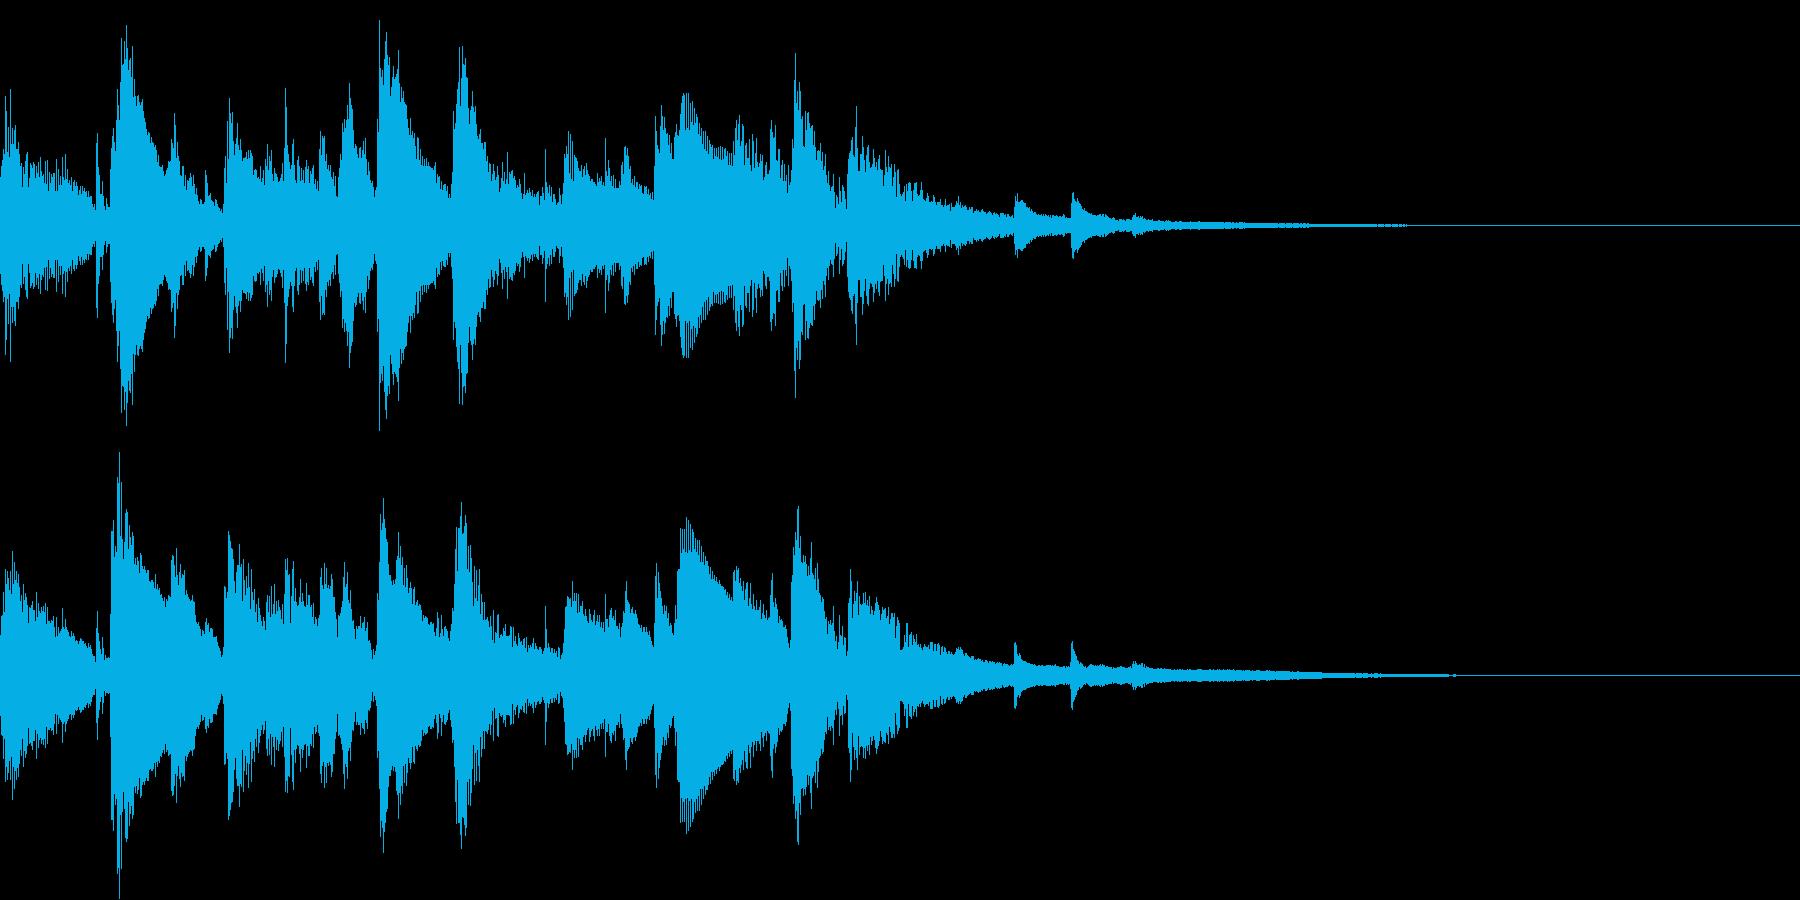 お洒落なジャズのジングル6 ゆったりの再生済みの波形